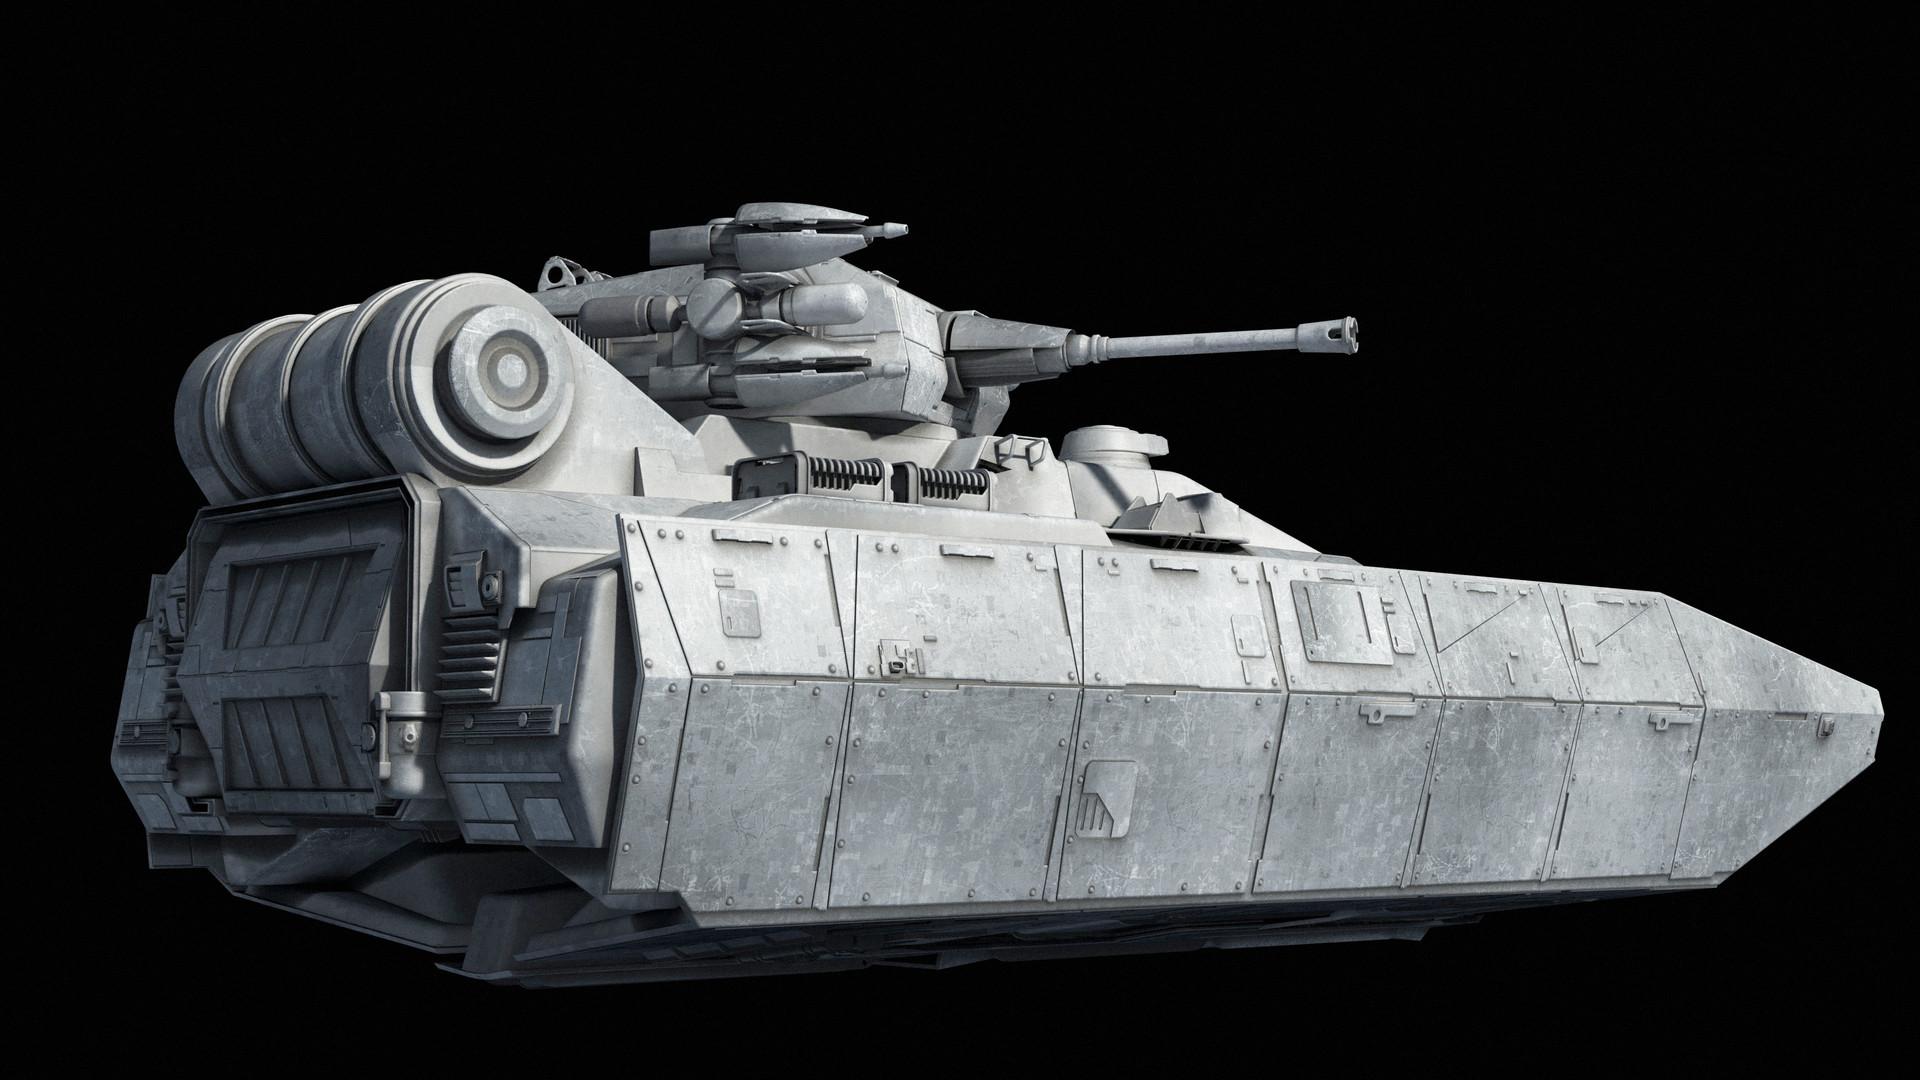 Ansel hsiao tank38